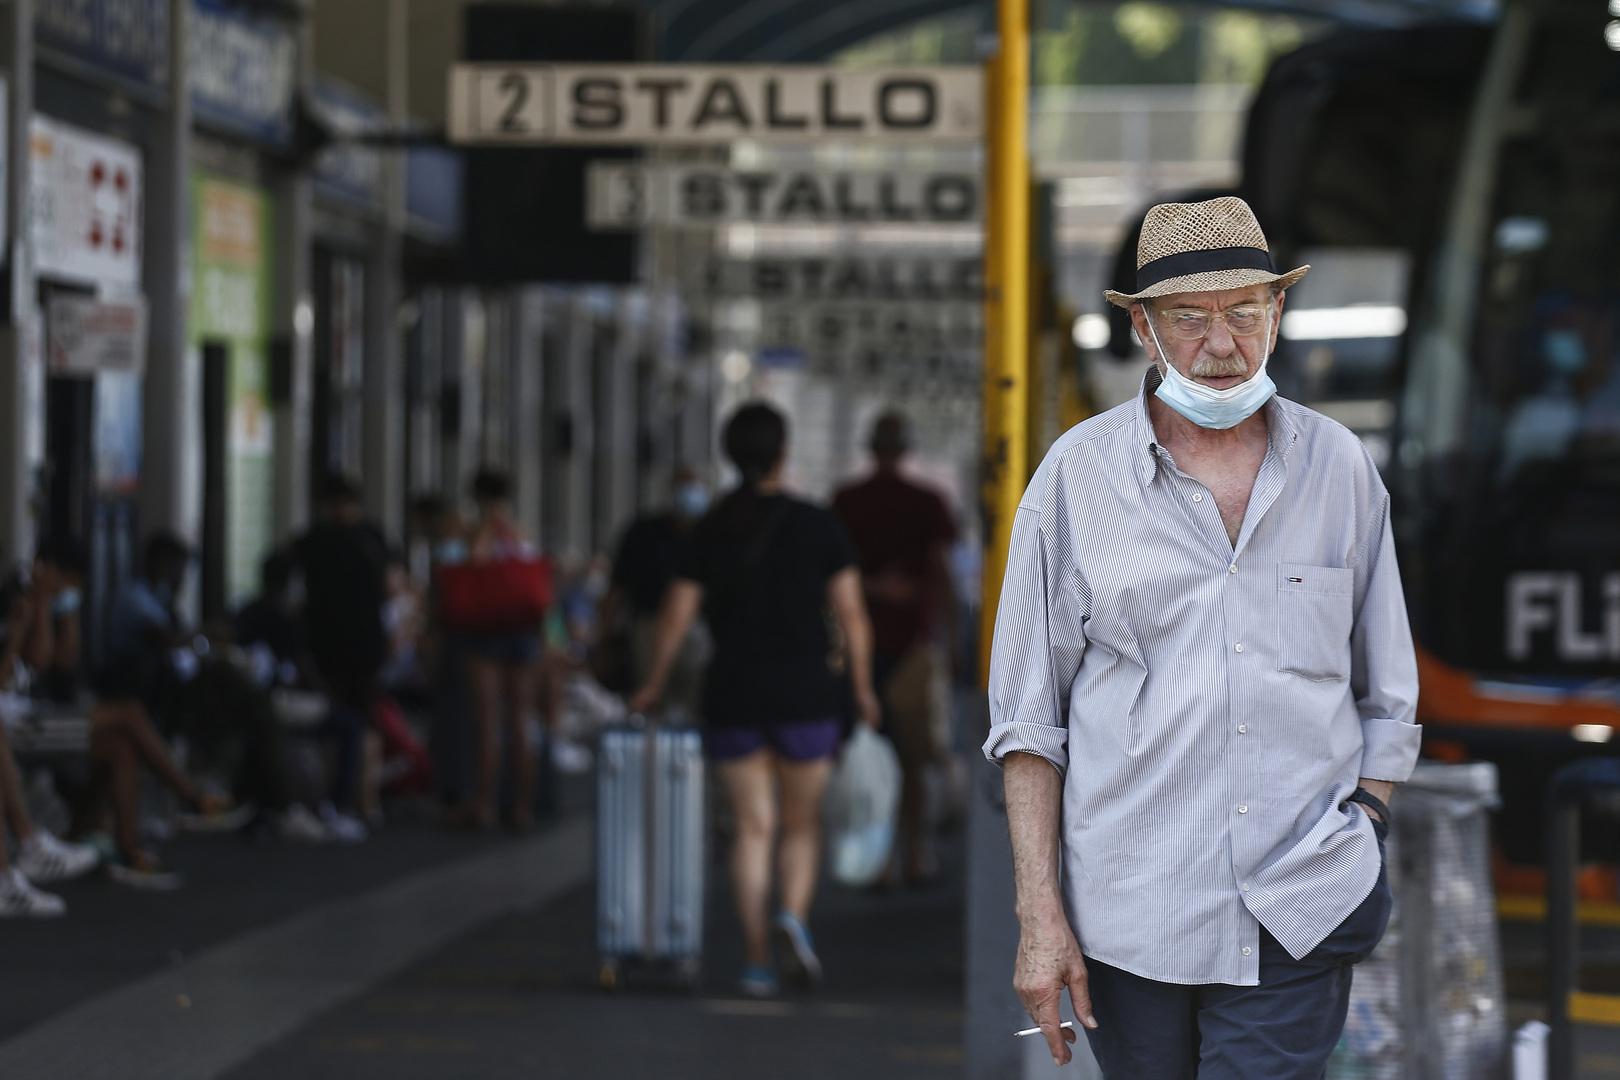 إيطاليا تسجل أكبر قفزة في إصابات كورونا منذ مايو